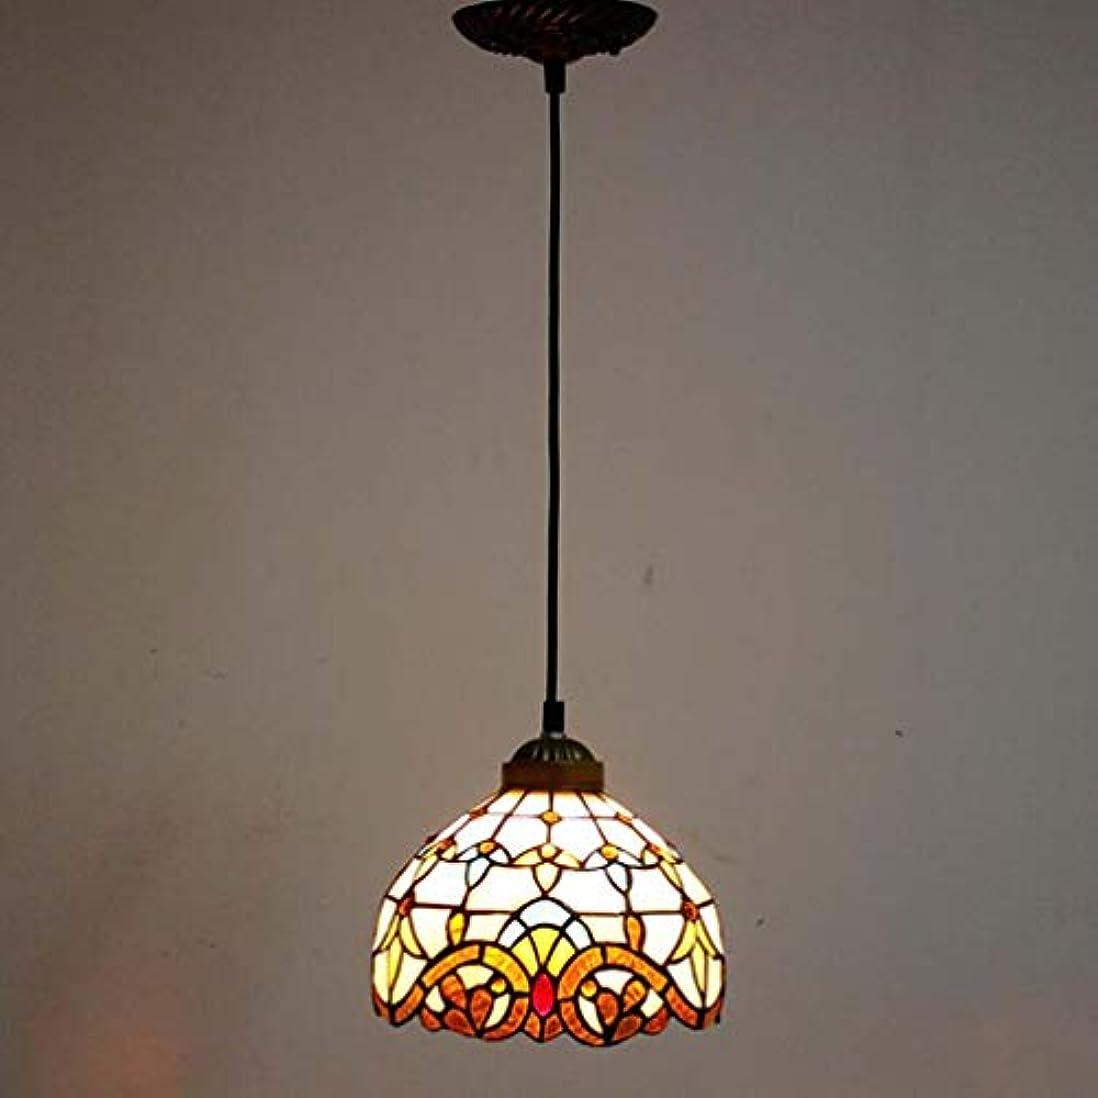 ストレンジャーニコチンホイップティファニースタイル1ライトミニペンダント照明、ヴィンテージシーリングライト吊り下げランプステンドグラスシェード(5.5